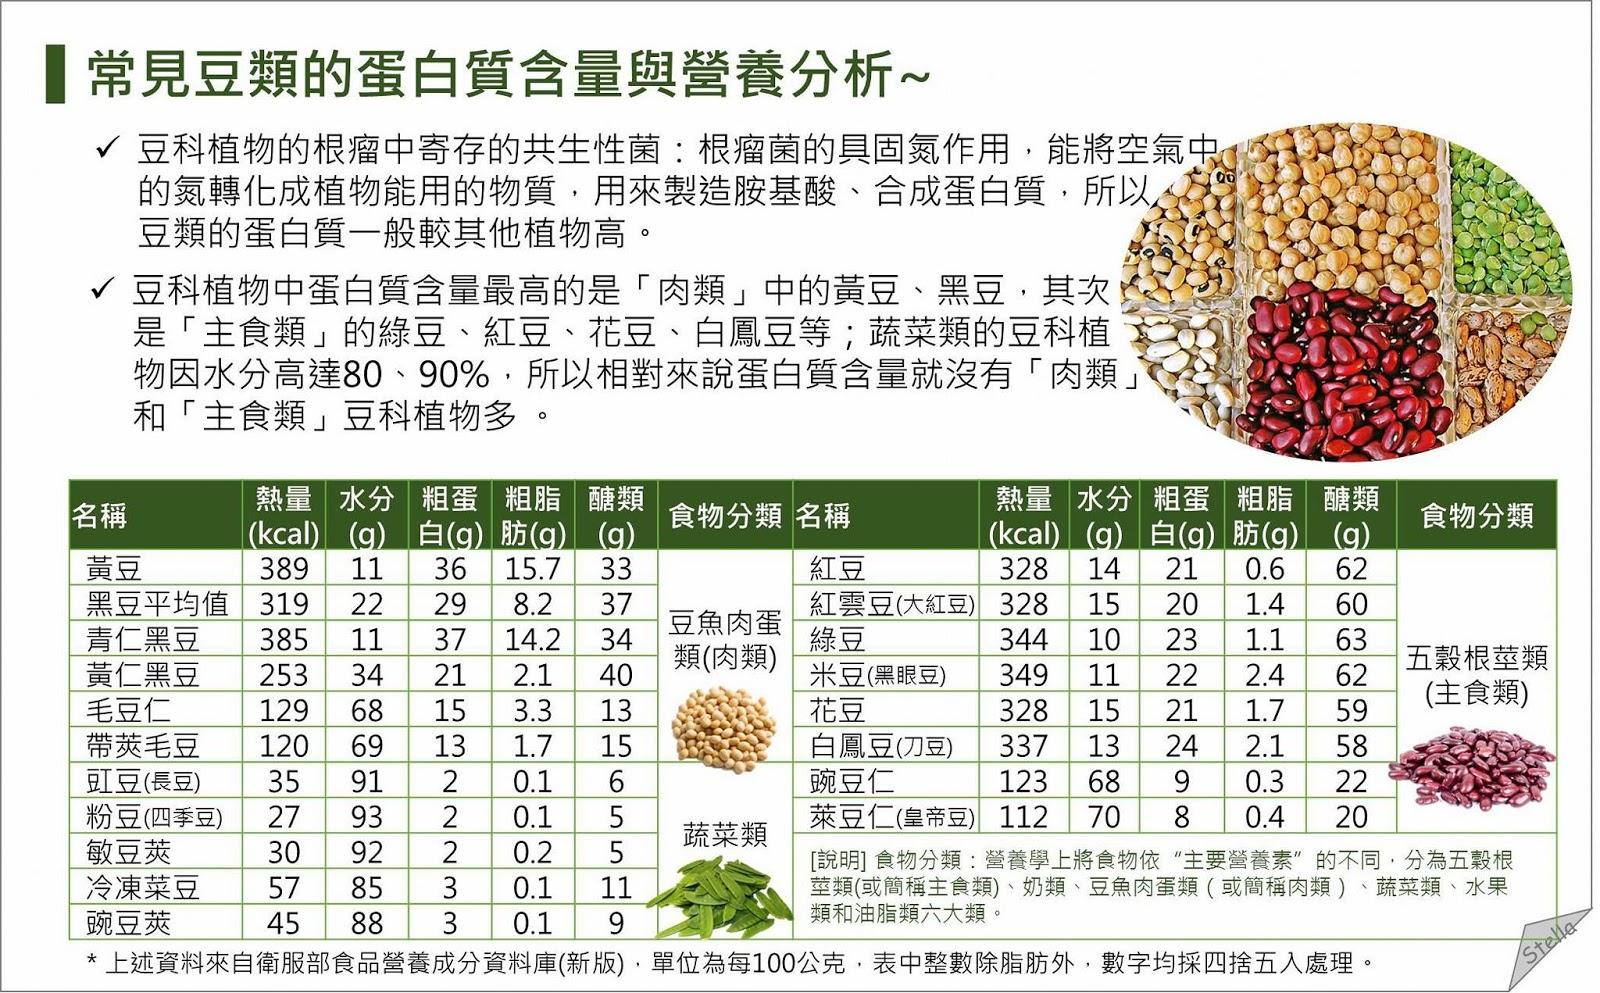 營養師Stella的減肥&營養部落格: [圖解營養] 學會蛋白質互補,在某些國家,還富含膳食纖維,但在日常定義下,栗子,吃素 ...